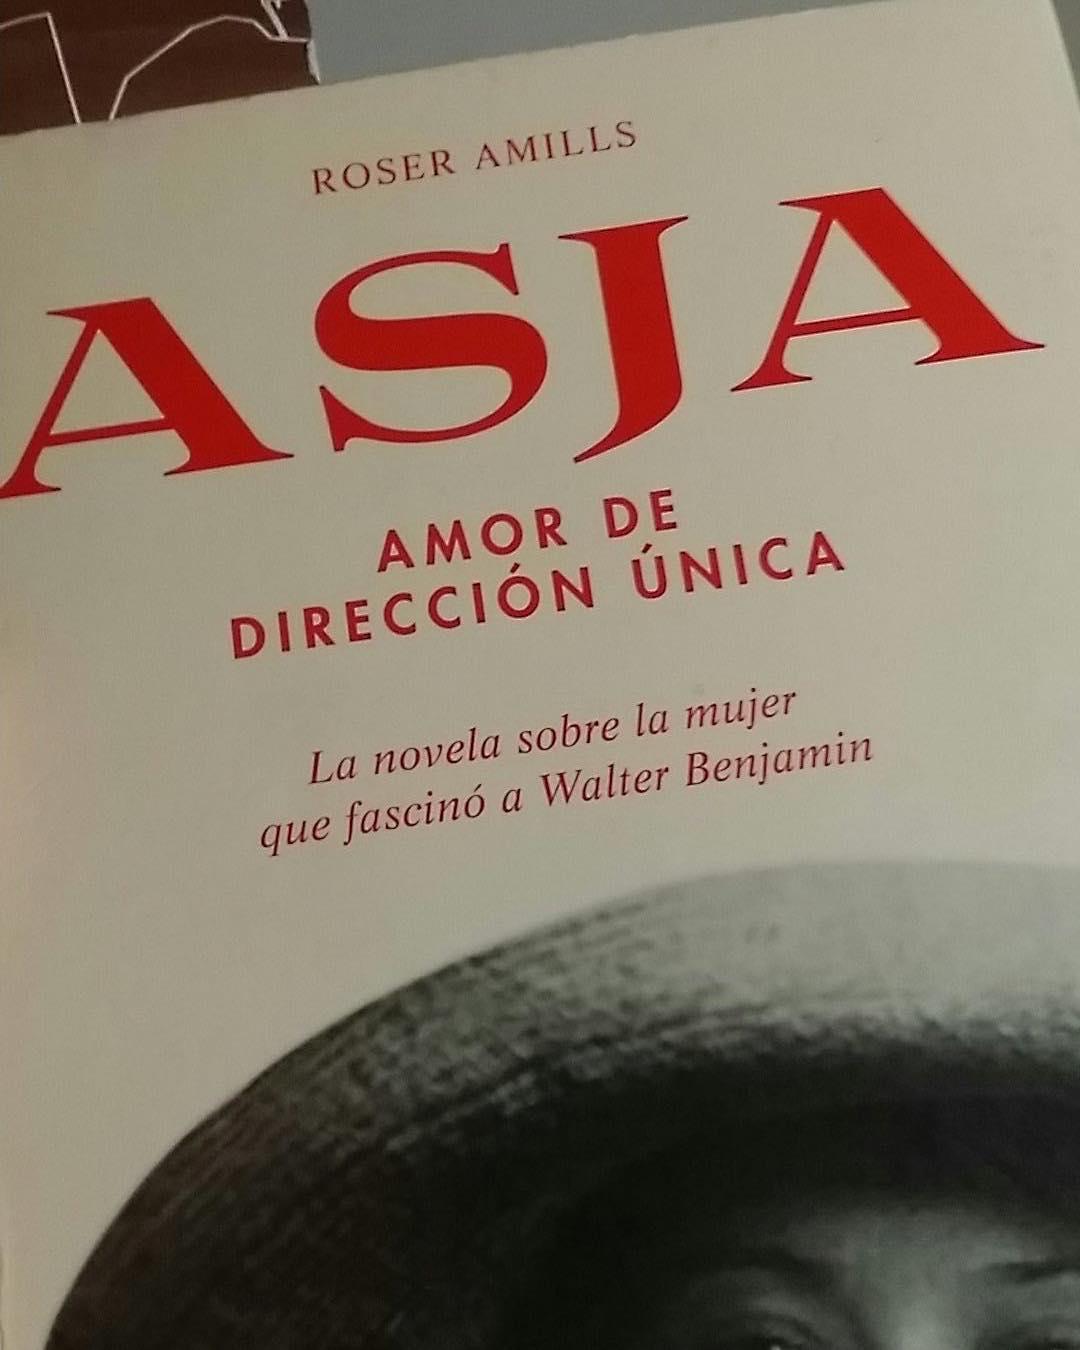 Emocionada con lo que dice @oscarrhs de #Asja: #RT Gracias @roseramills por escribir 'Asja, amor de dirección única'. Una novela que que me ha besado el alma. @Comanegra